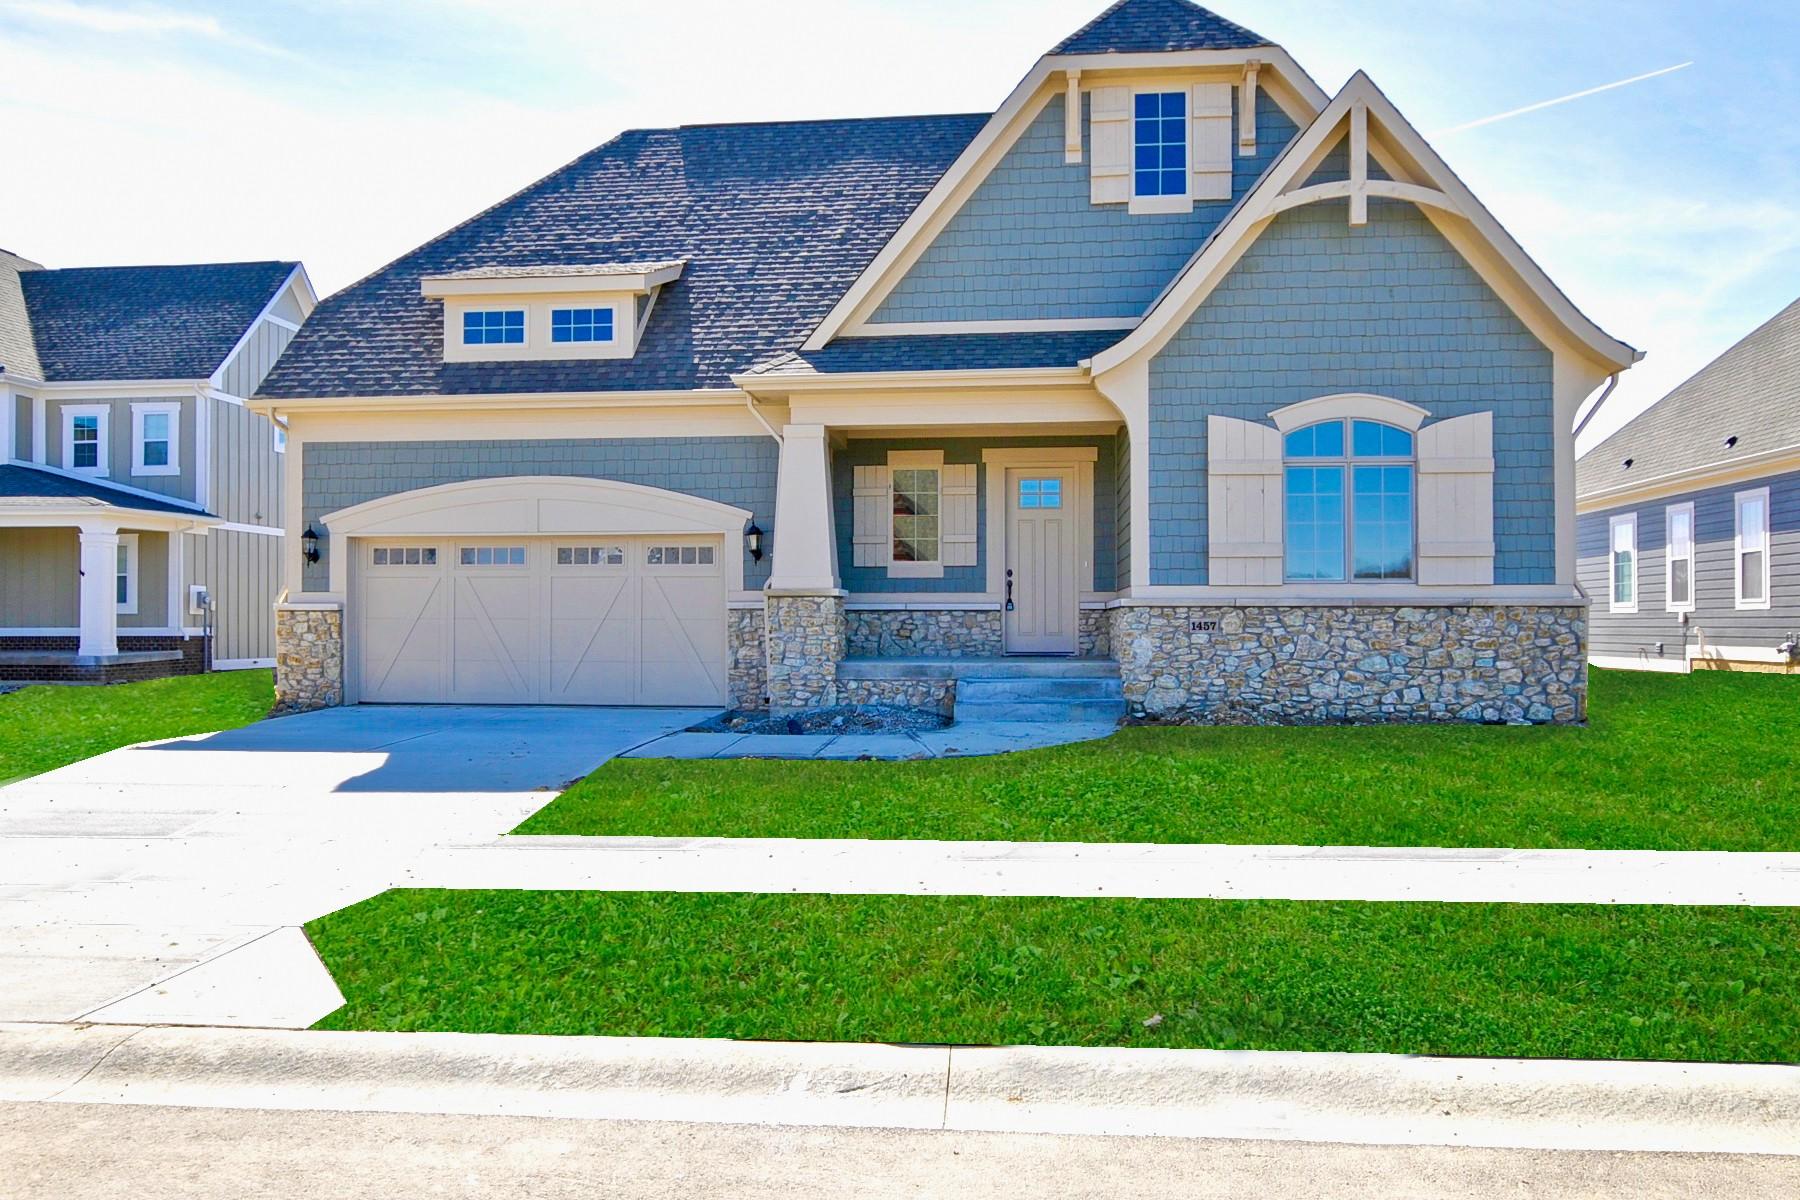 Maison unifamiliale pour l Vente à The Belcrest Model Ready for You 1457 Avondale Drive Westfield, Indiana, 46074 États-Unis